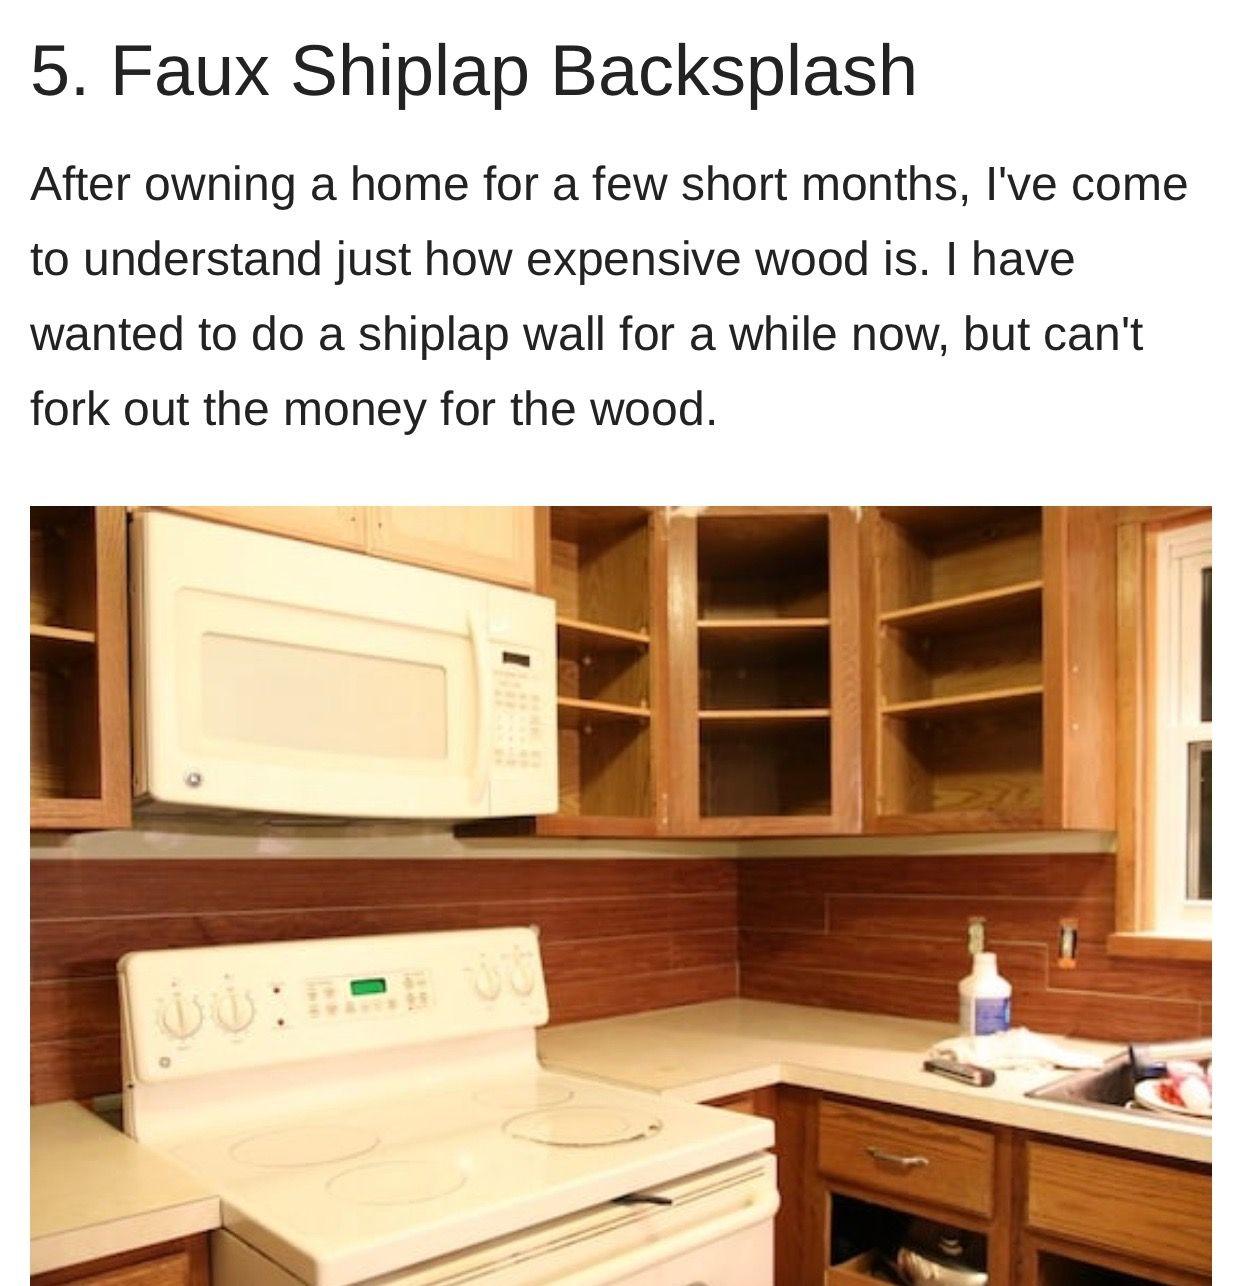 - Pin By Penny Baker On Remodeling Ideas Faux Shiplap, Shiplap